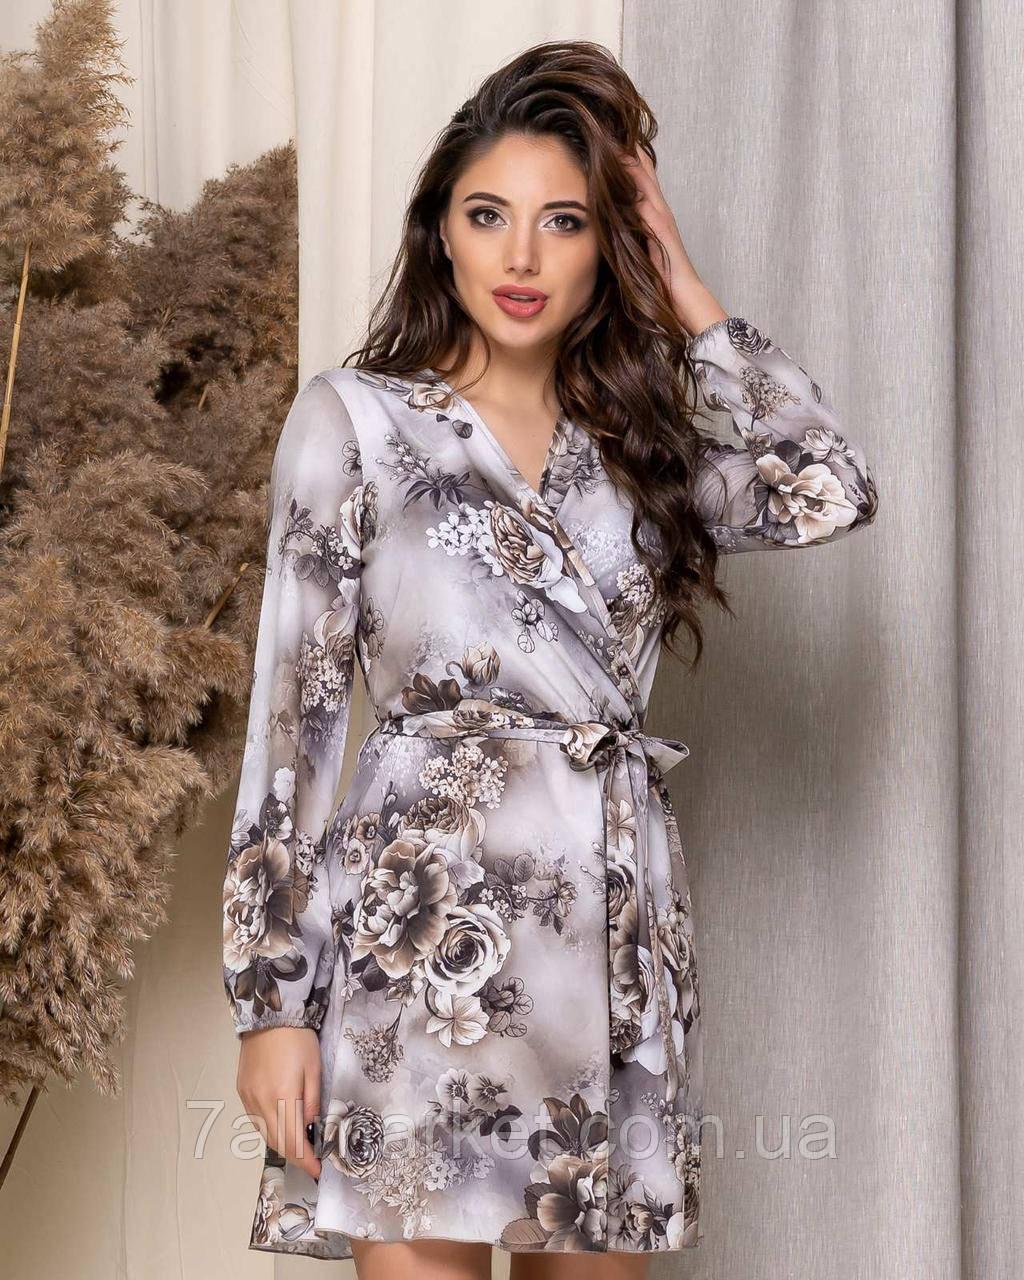 """Платье женское на запах с цветочным принтом размеры 42-48 """"BONJOUR"""" купить недорого от прямого поставщика"""